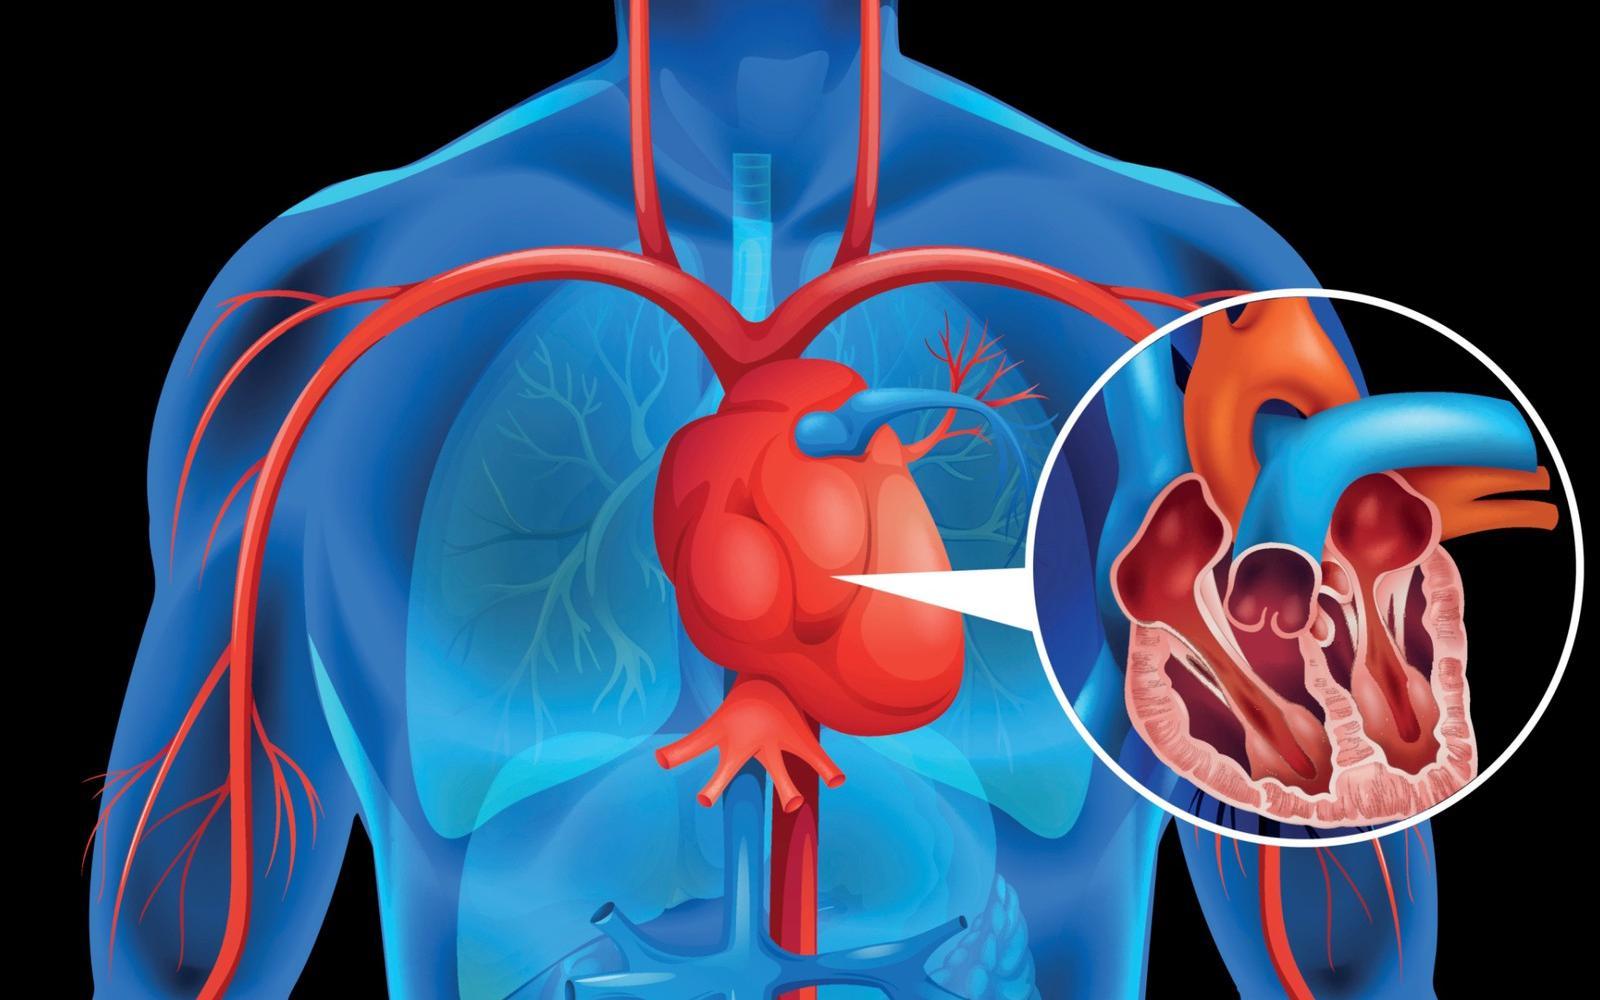 miért befolyásolja a prosztatagyulladás az erekciót